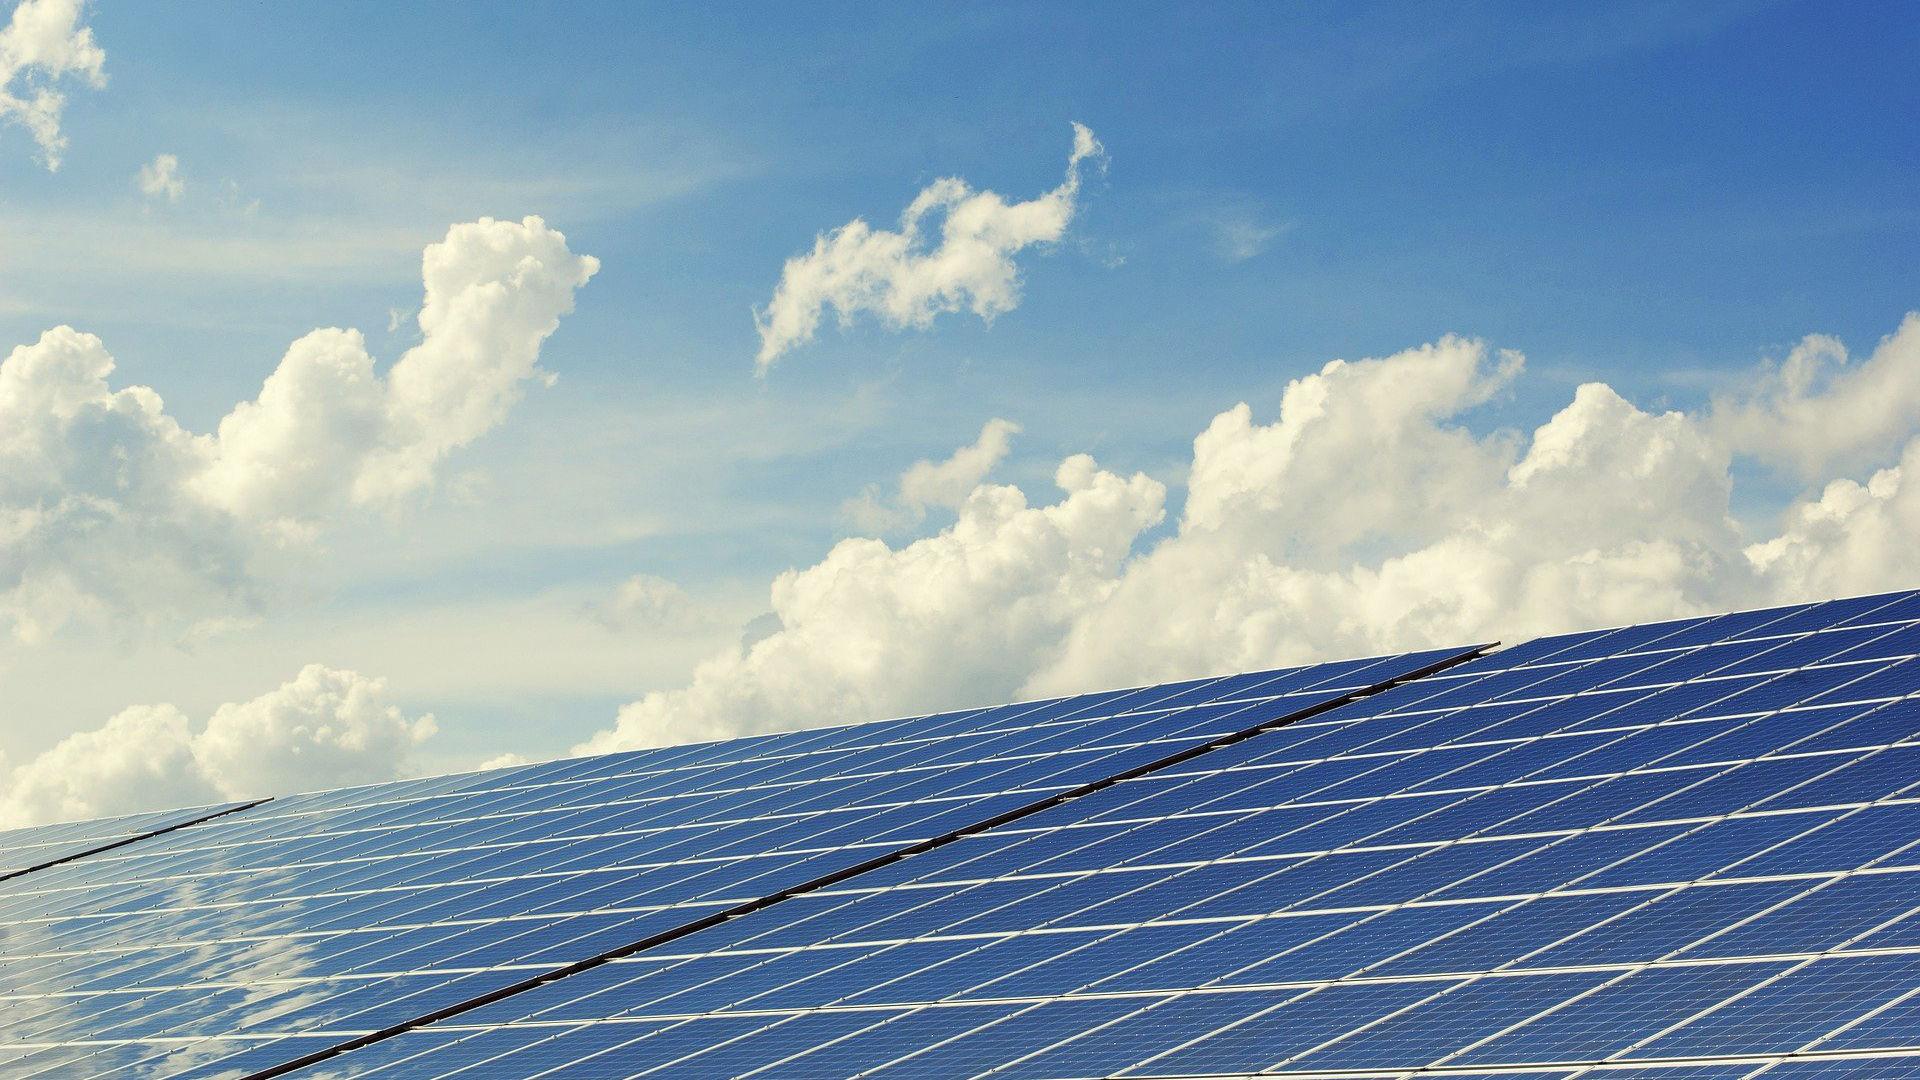 Énergie solaire : des chercheurs ont identifié ce qui bride le rendement de nombreux panneaux